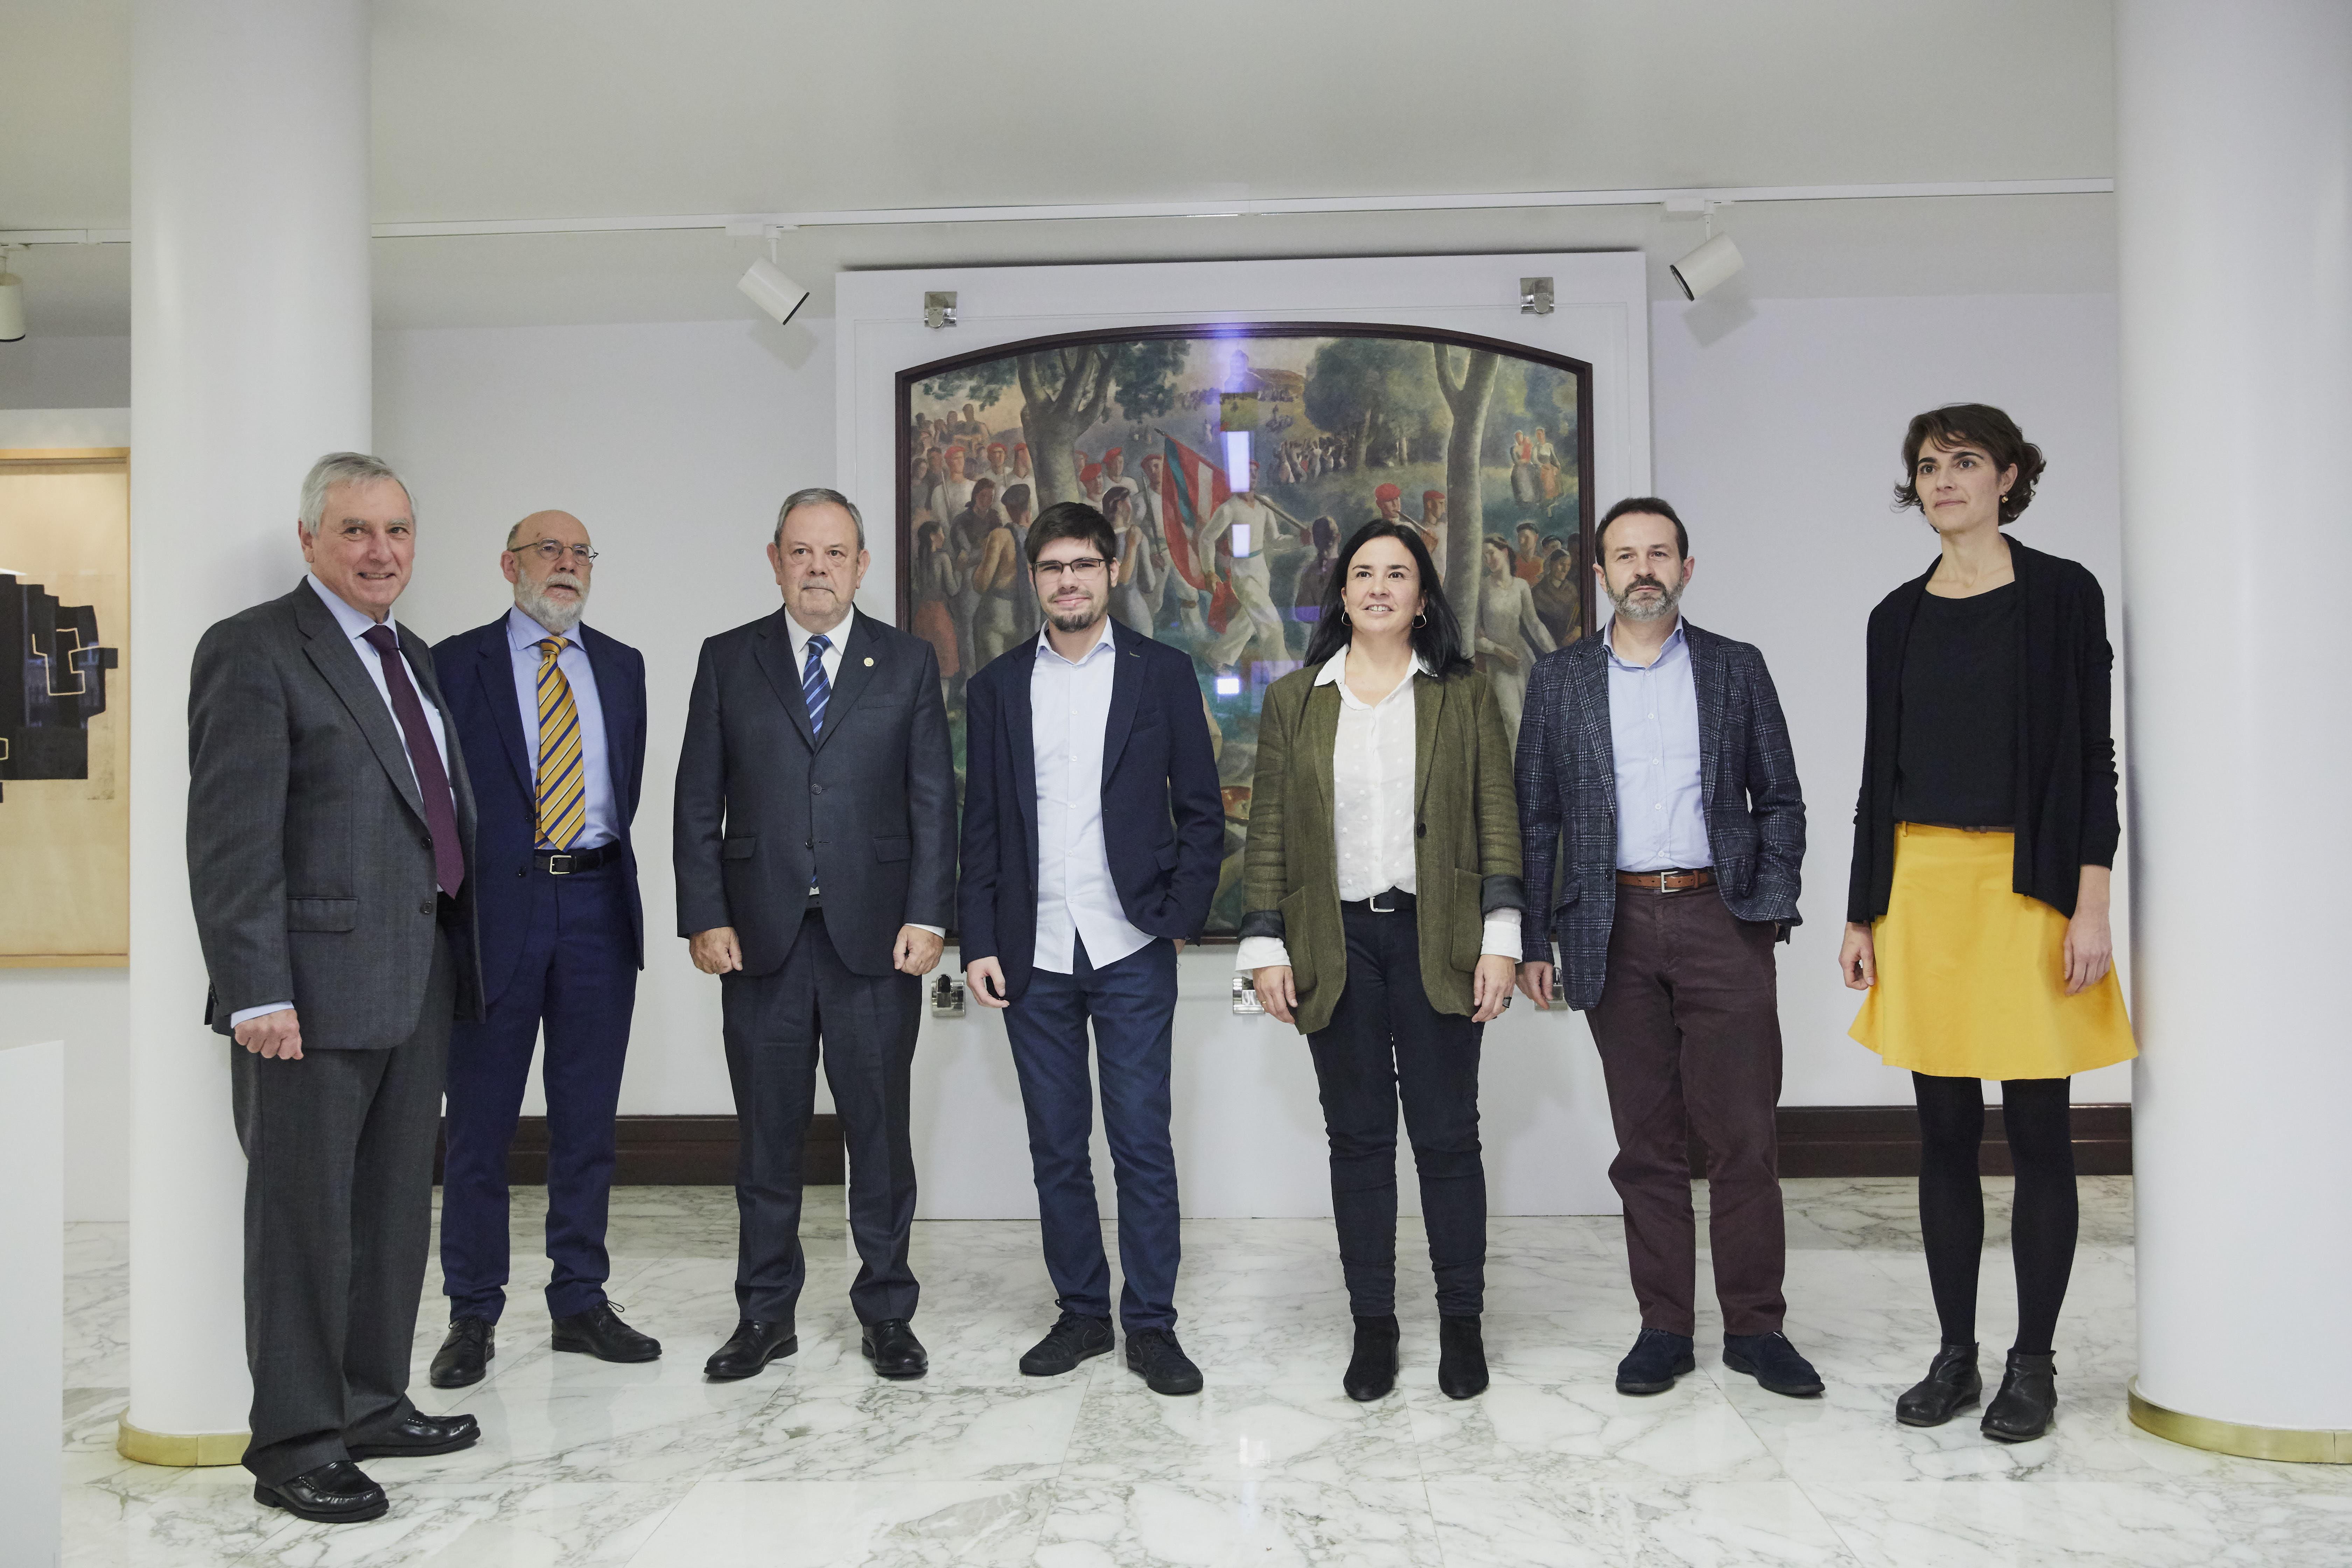 2019.12.13_Acuerdo_Presupuestario_PODEMOS_014.jpg